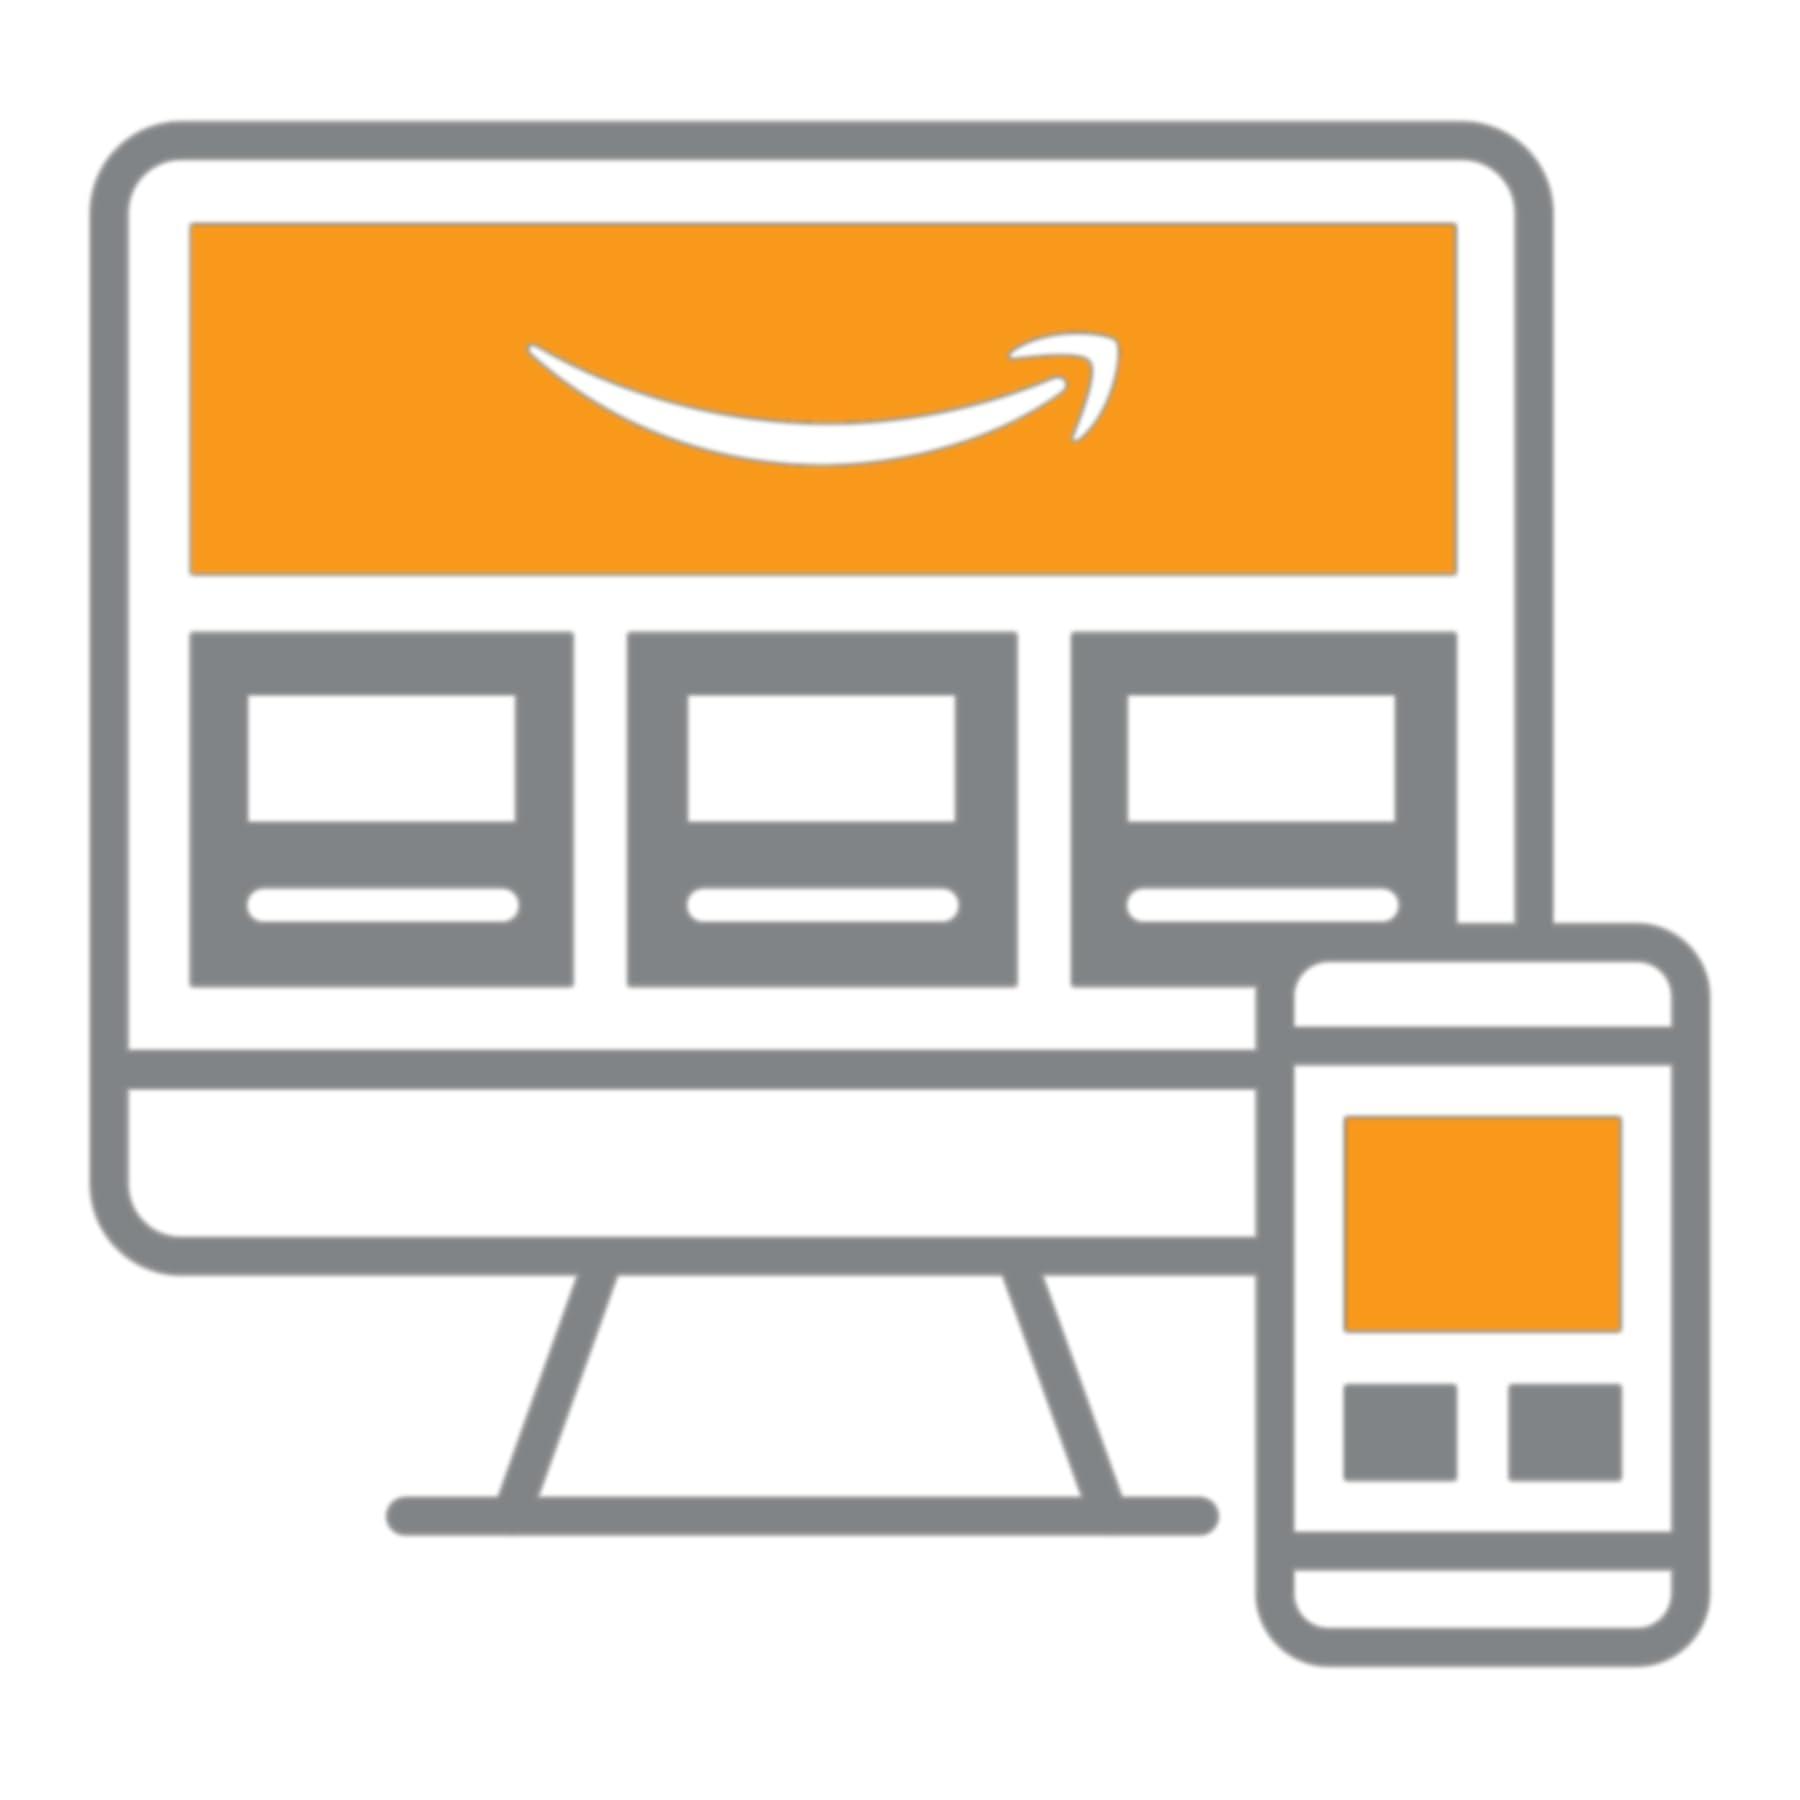 Emplacement des Stores sur ordinateurs de bureau et appareils mobiles